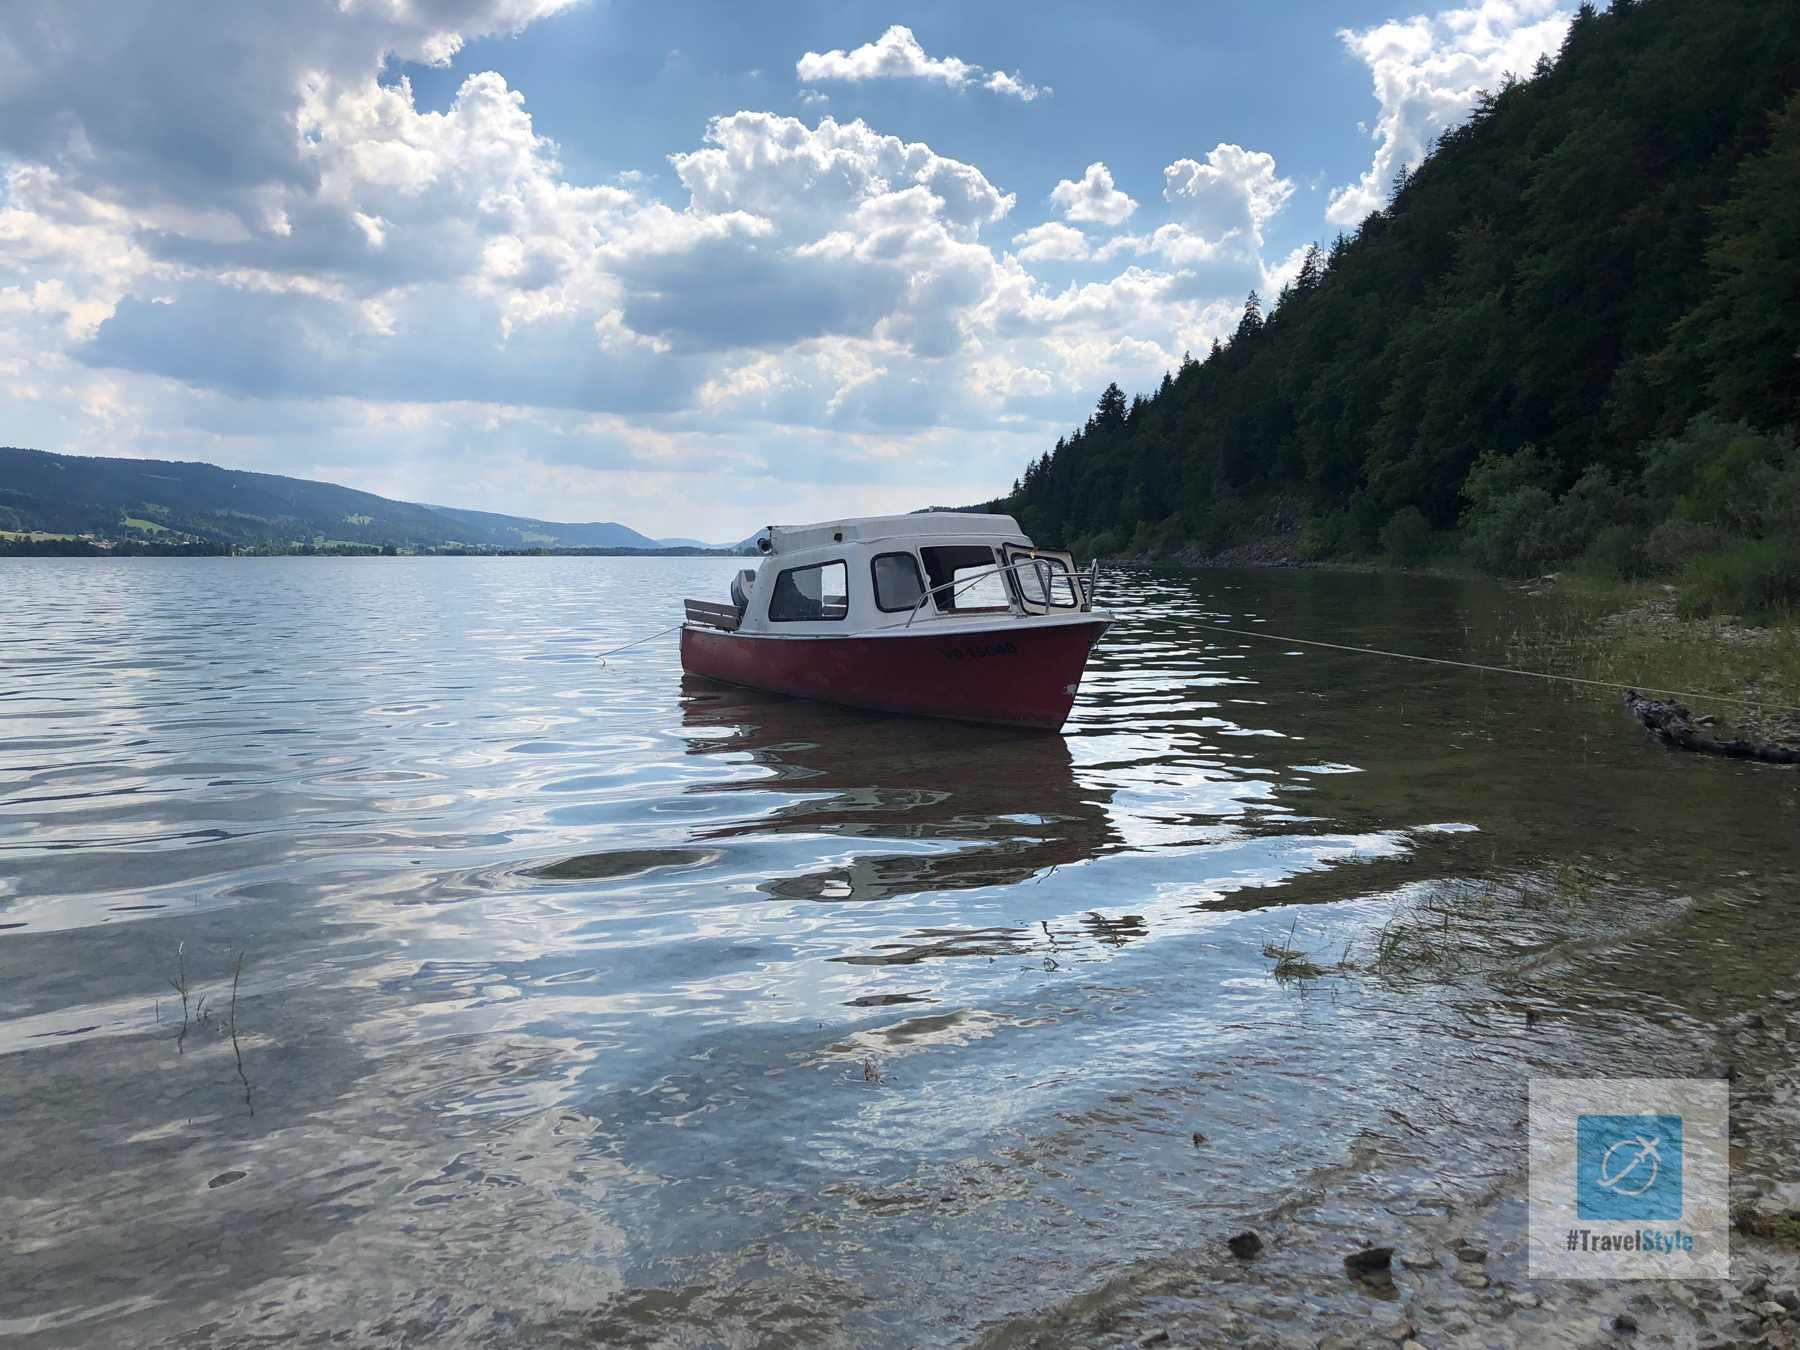 Ein Schiff auf dem Lac de Joux